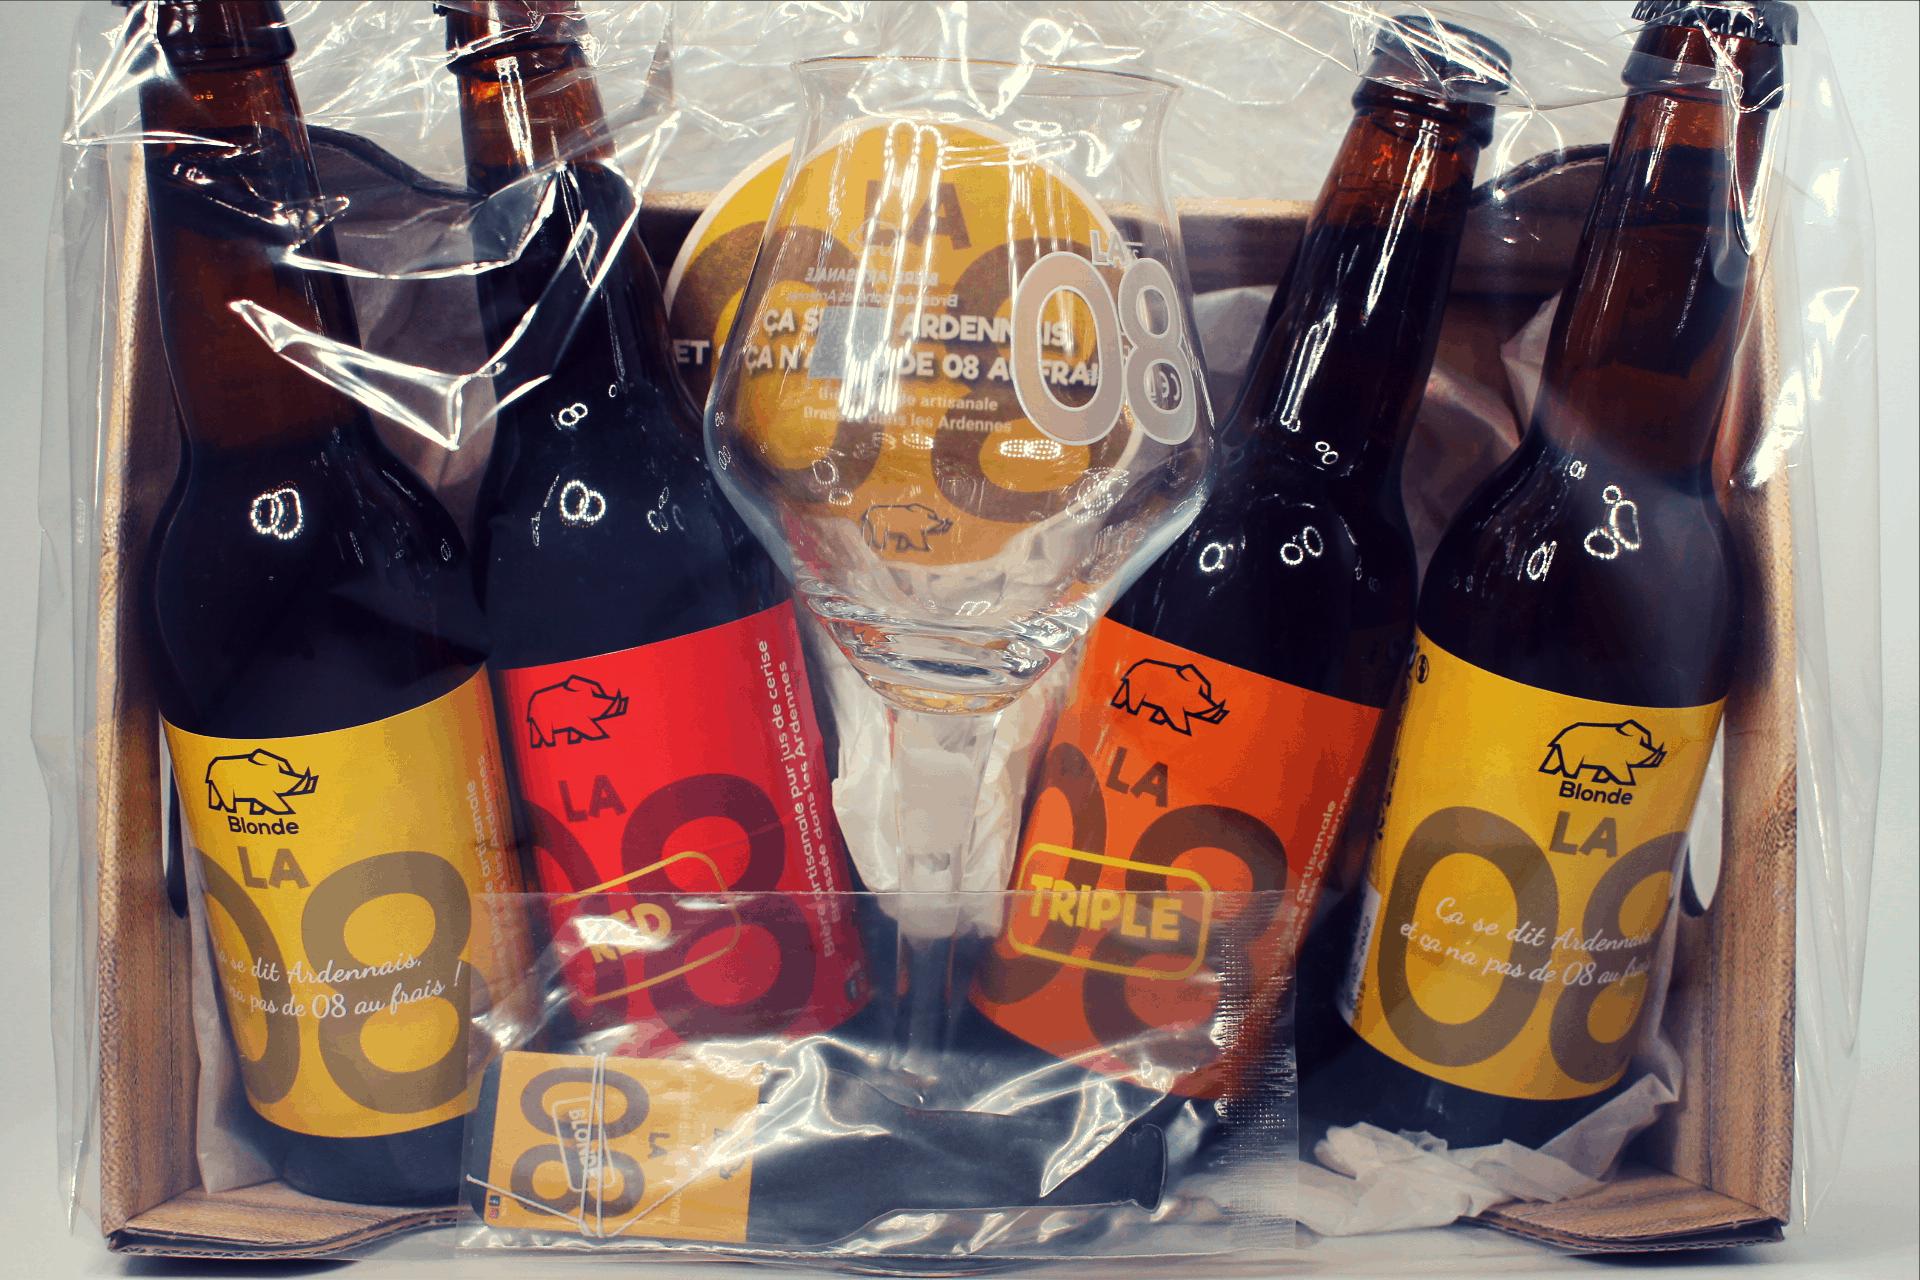 Coffret Bière, La 08, Verre, Oubliette, Pba, Ardennes, Boisson, Terroir (1)